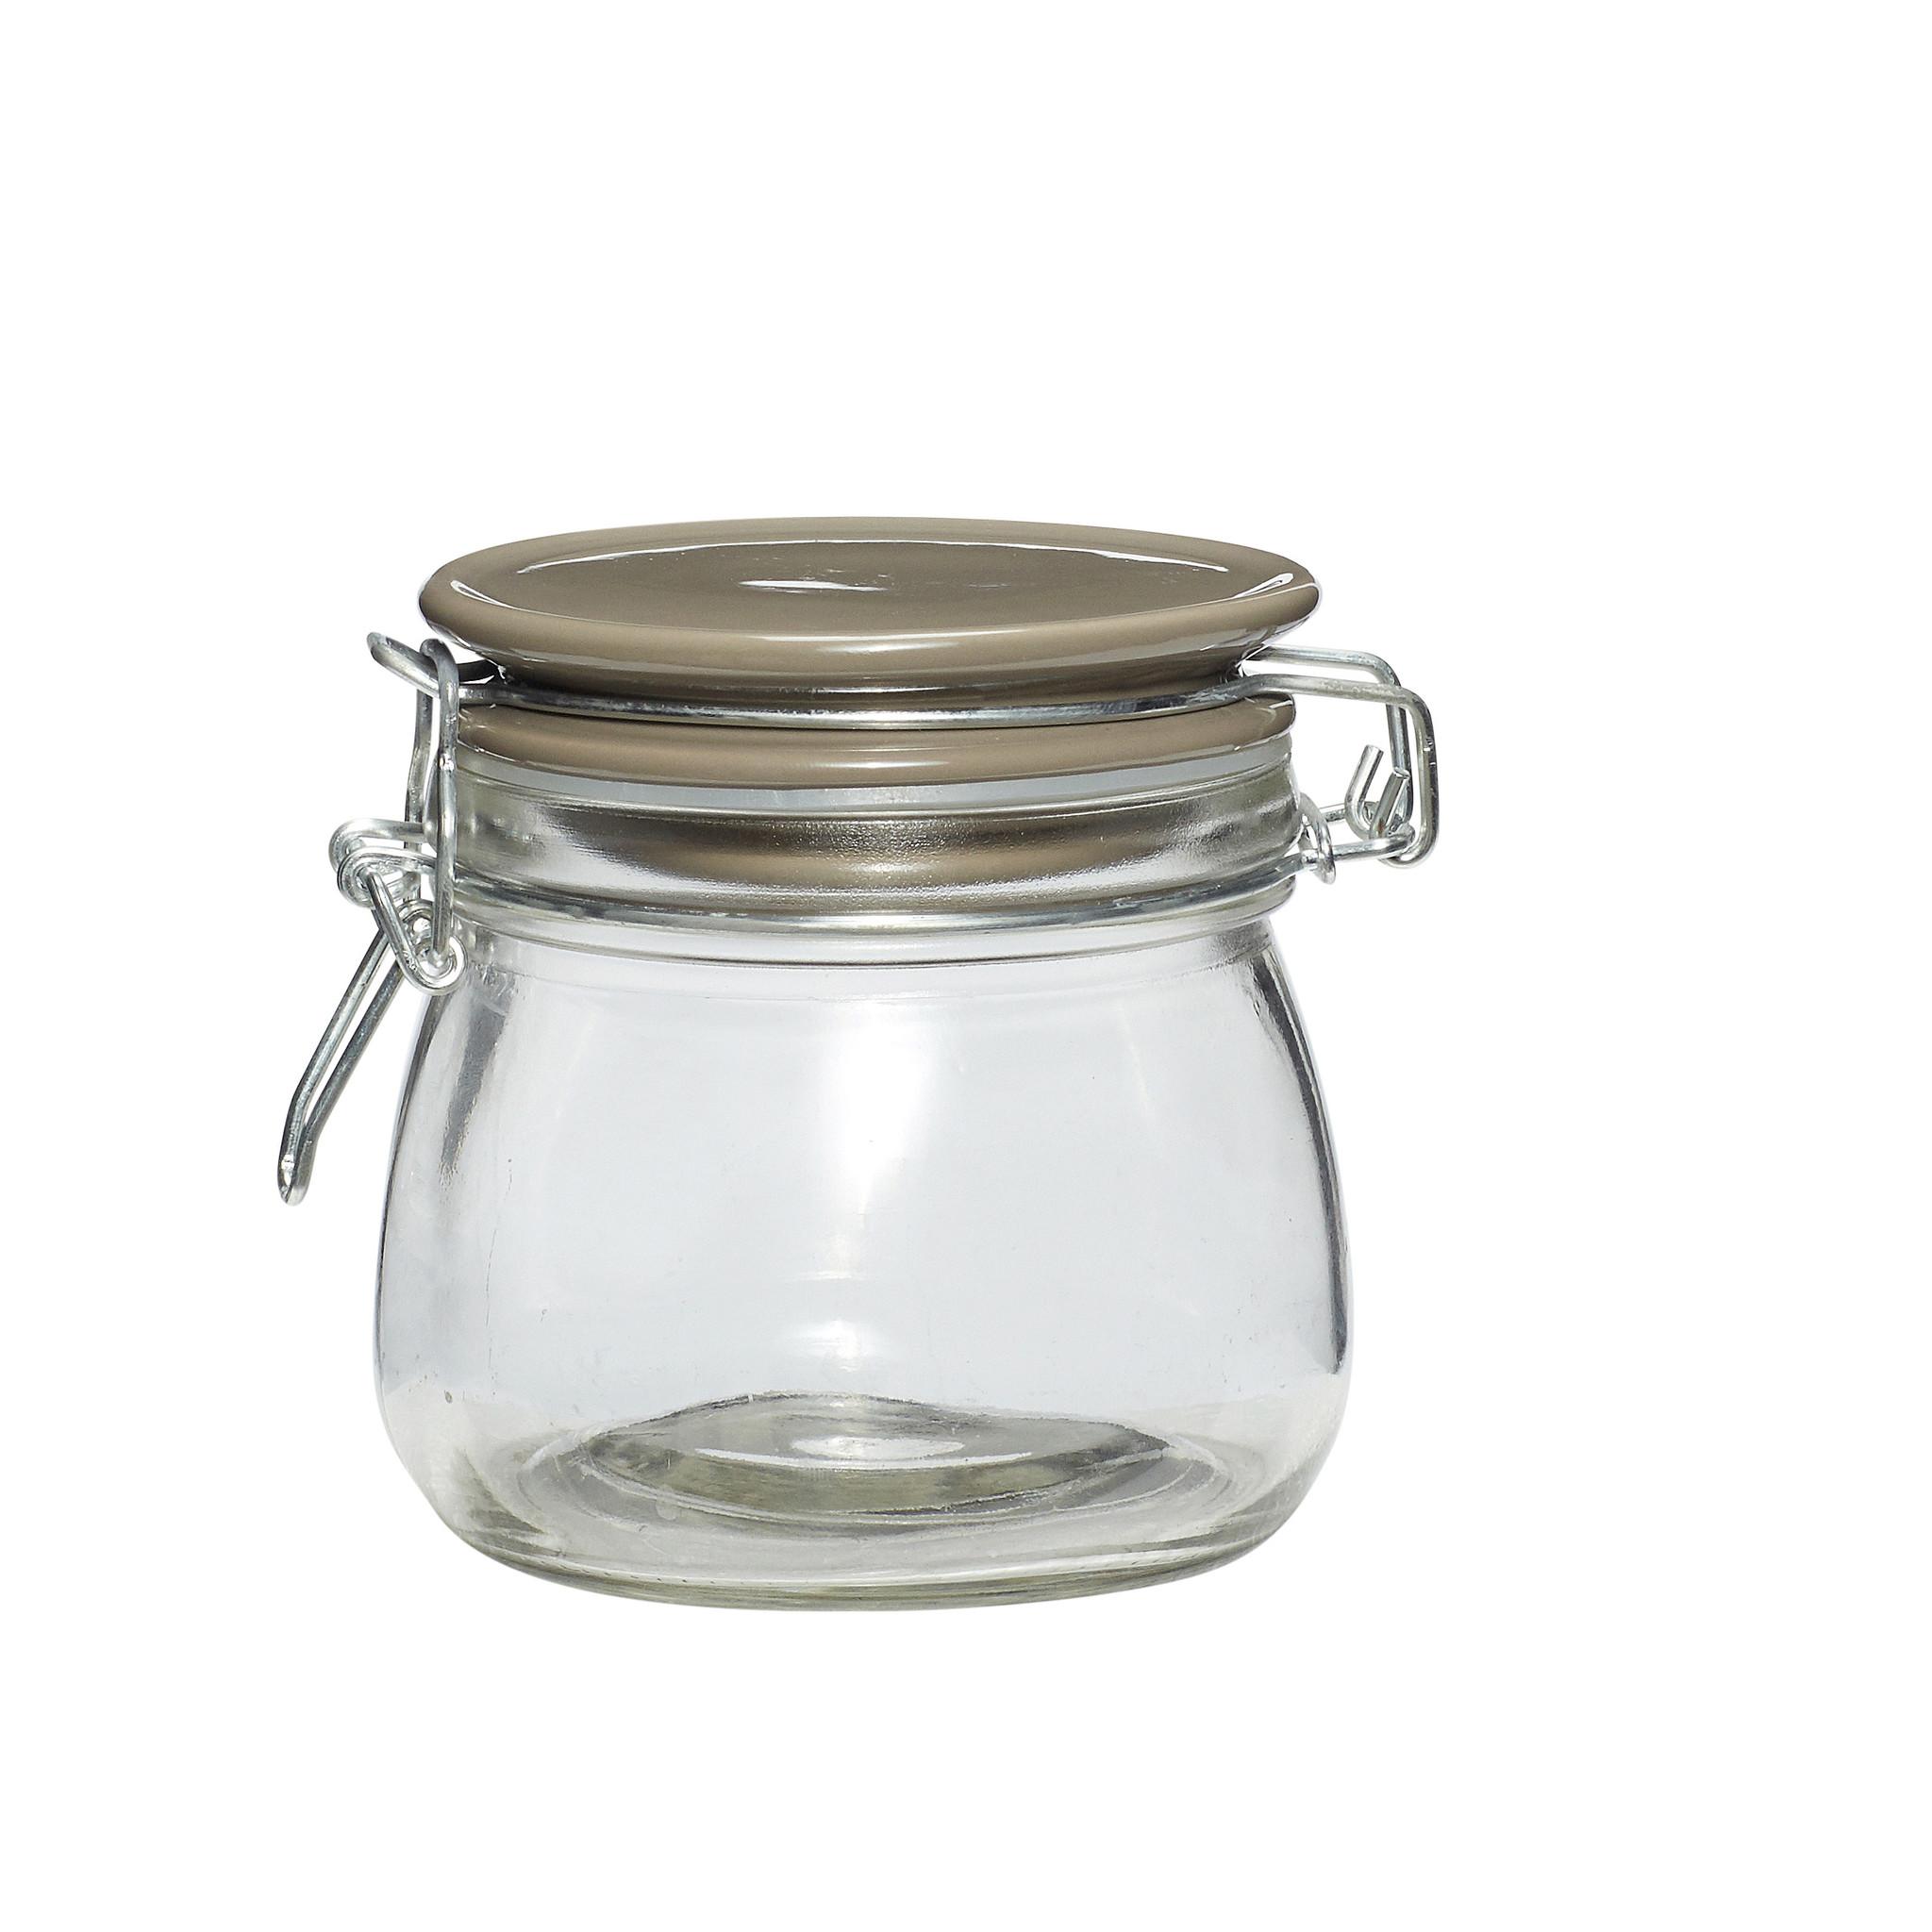 Hubsch Voorraadpot met hermetisch deksel, glaset van keramiek, grijs, groot-640220-5712772051757